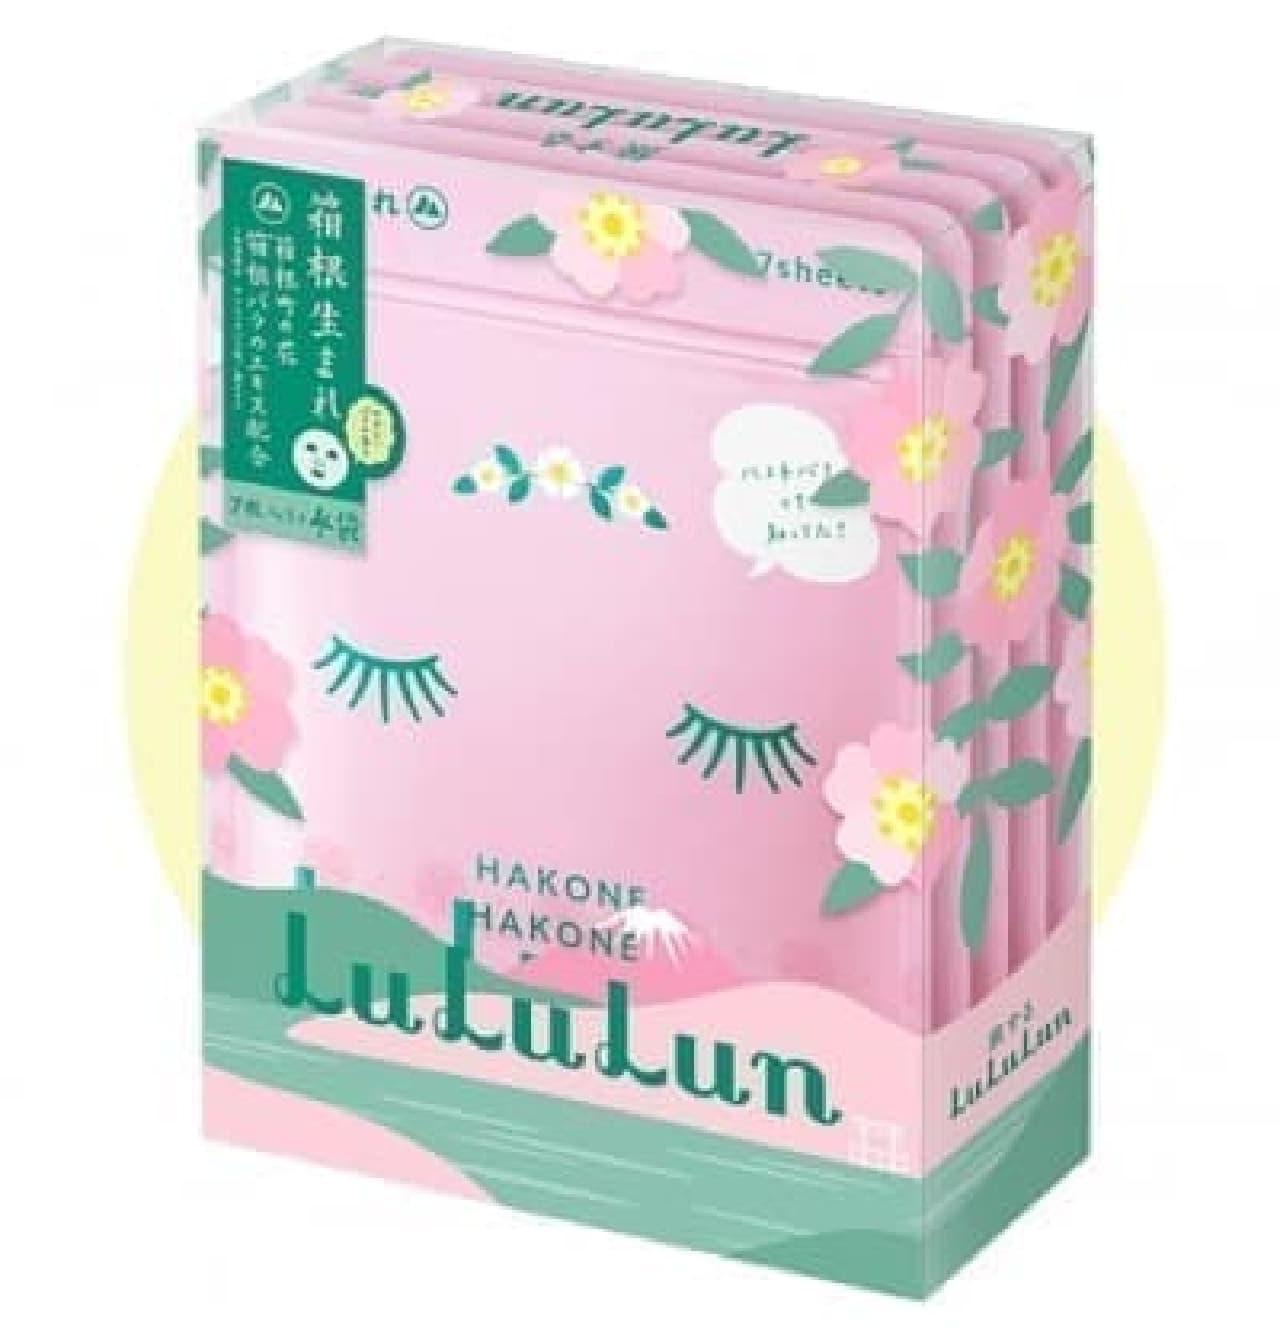 箱根ルルルン(やさしいバラの香り)